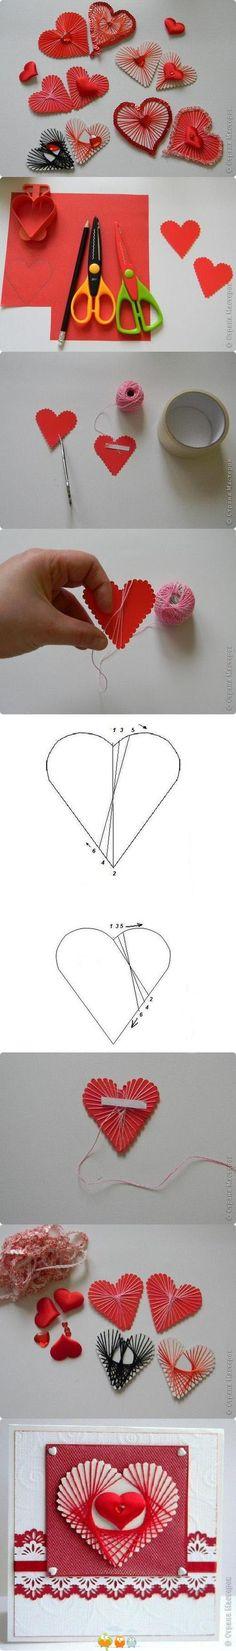 heart weaves